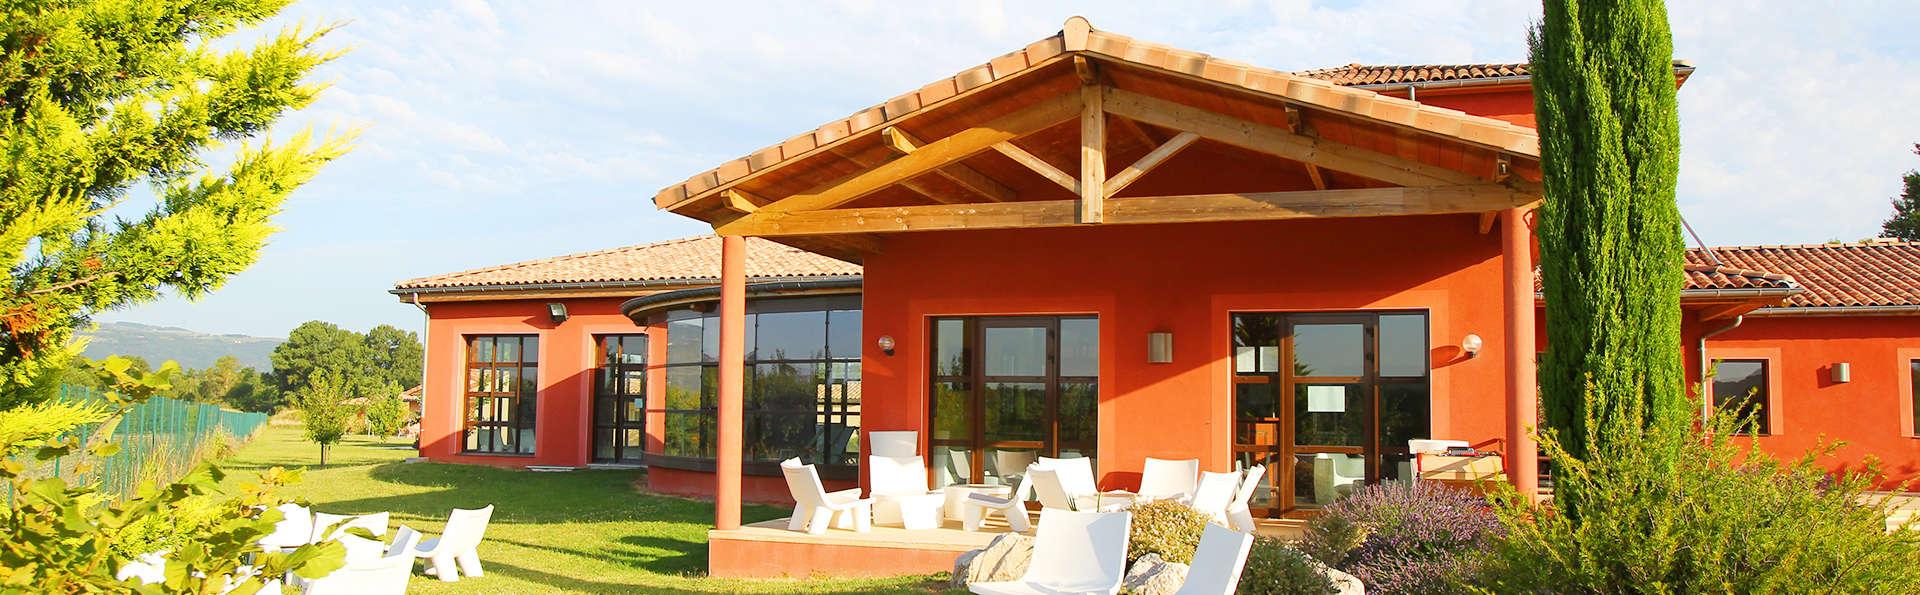 Vacancéole - Résidence Le Domaine du Lac - Edit_Le-Domaine-du-Lac_outside4.jpg